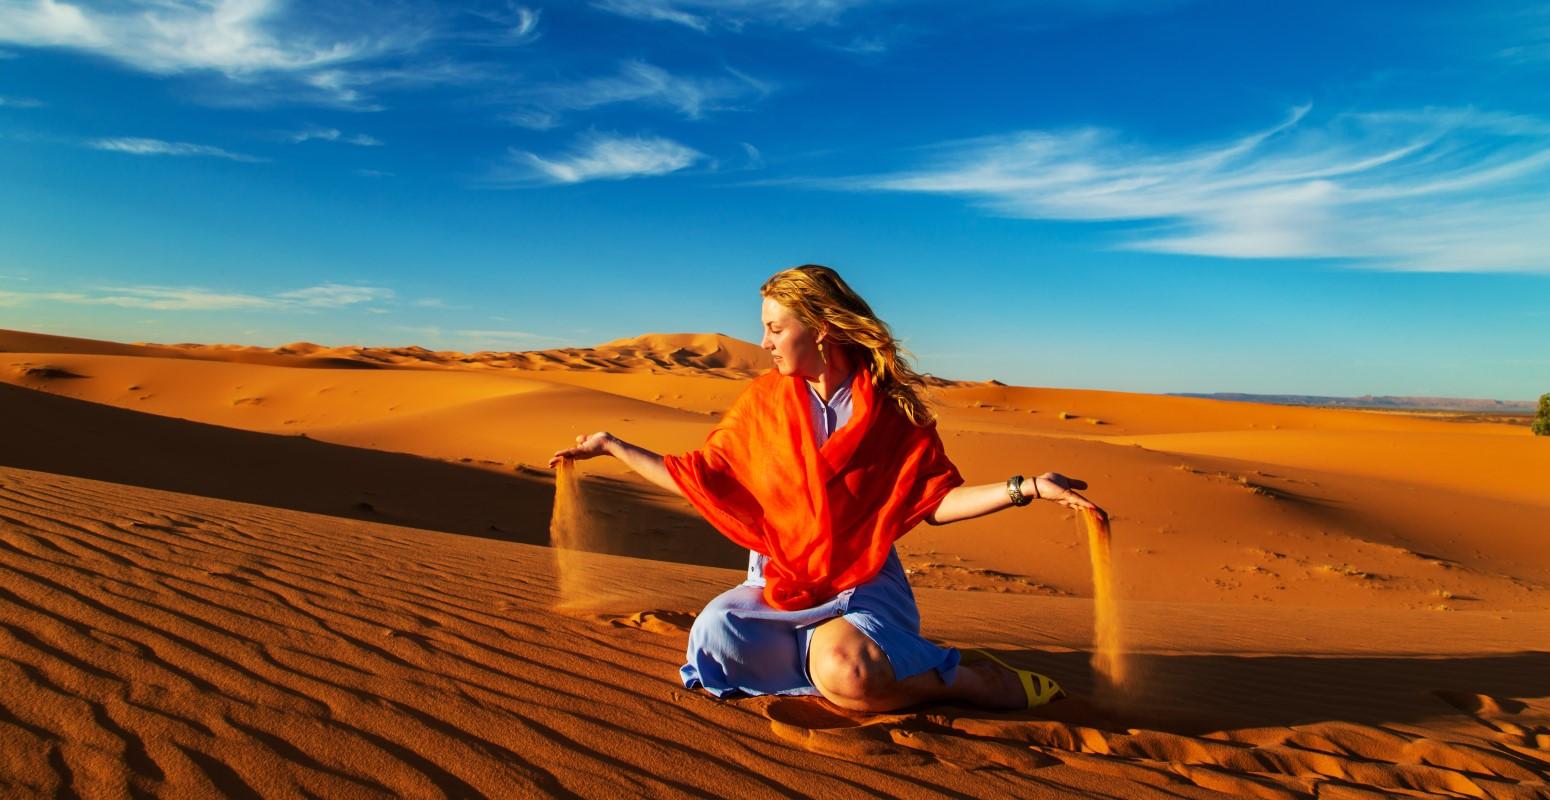 marruecos sahara desierto